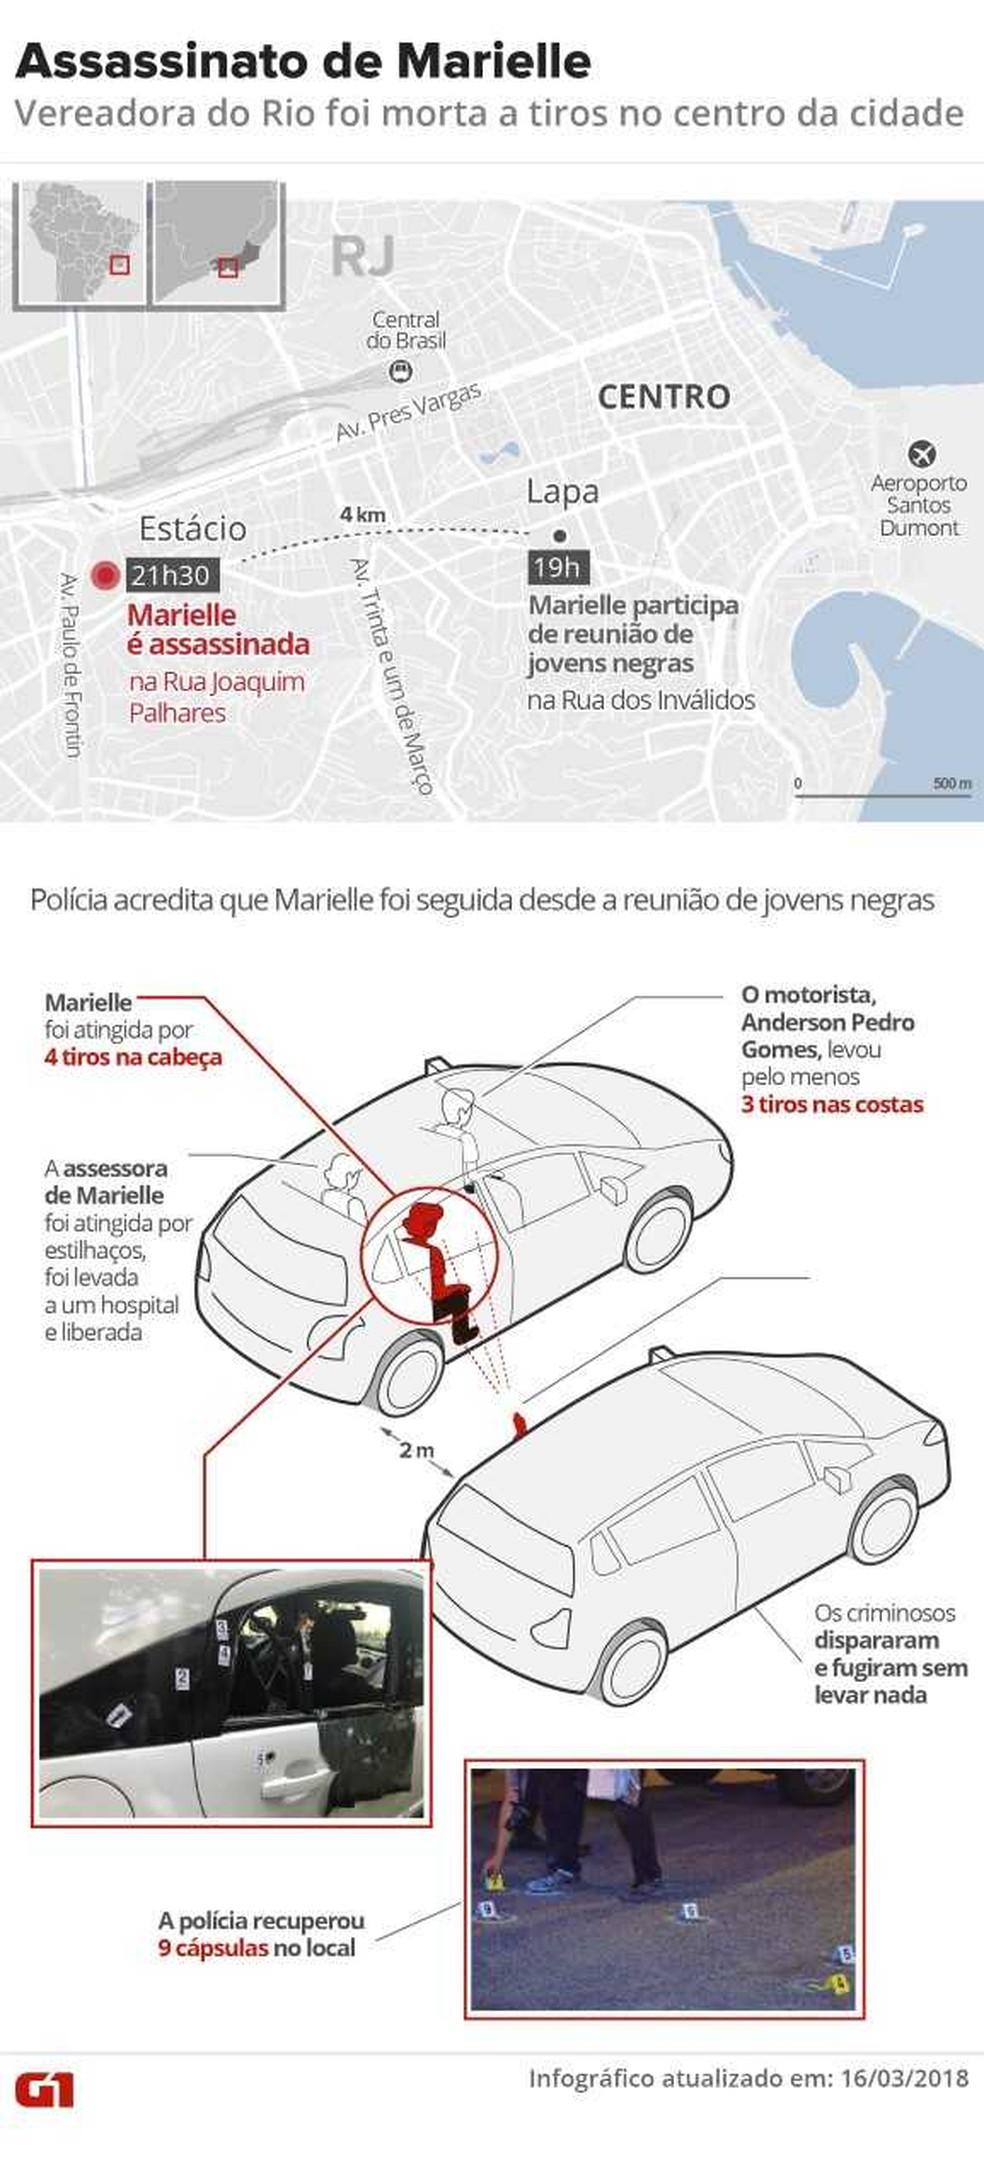 Assassinato vereadora Marielle Franco (Foto: Inforgráfico: Karina Almeira/ G1)